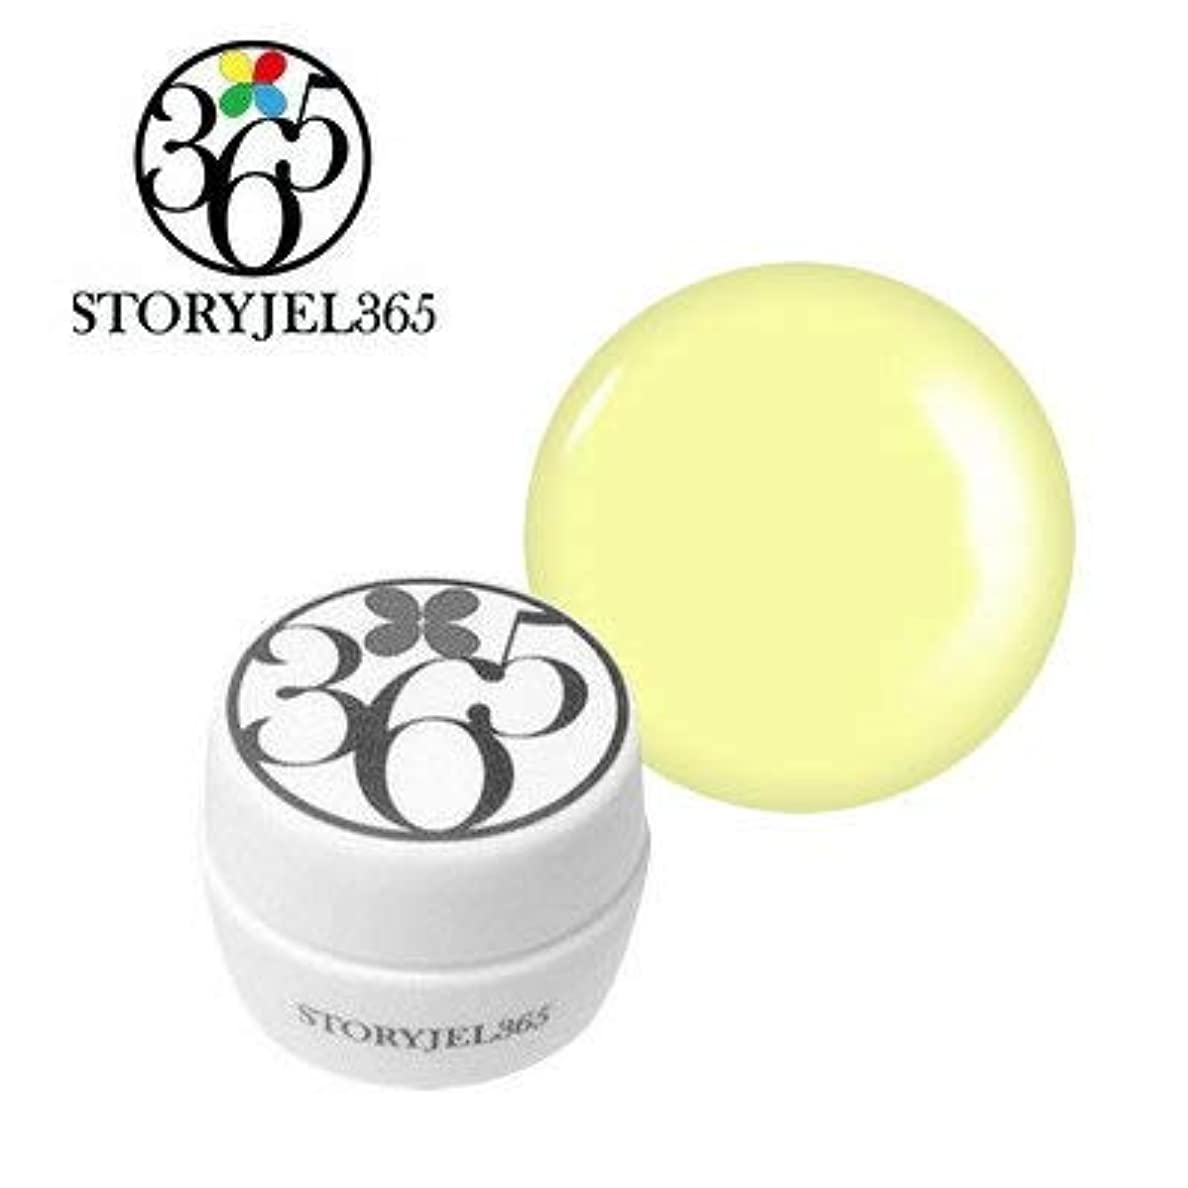 自分の柔らかい足若いSTORYJEL365 カラージェル 5g (ストーリージェル) SJS-303M-D シトロンクリーム